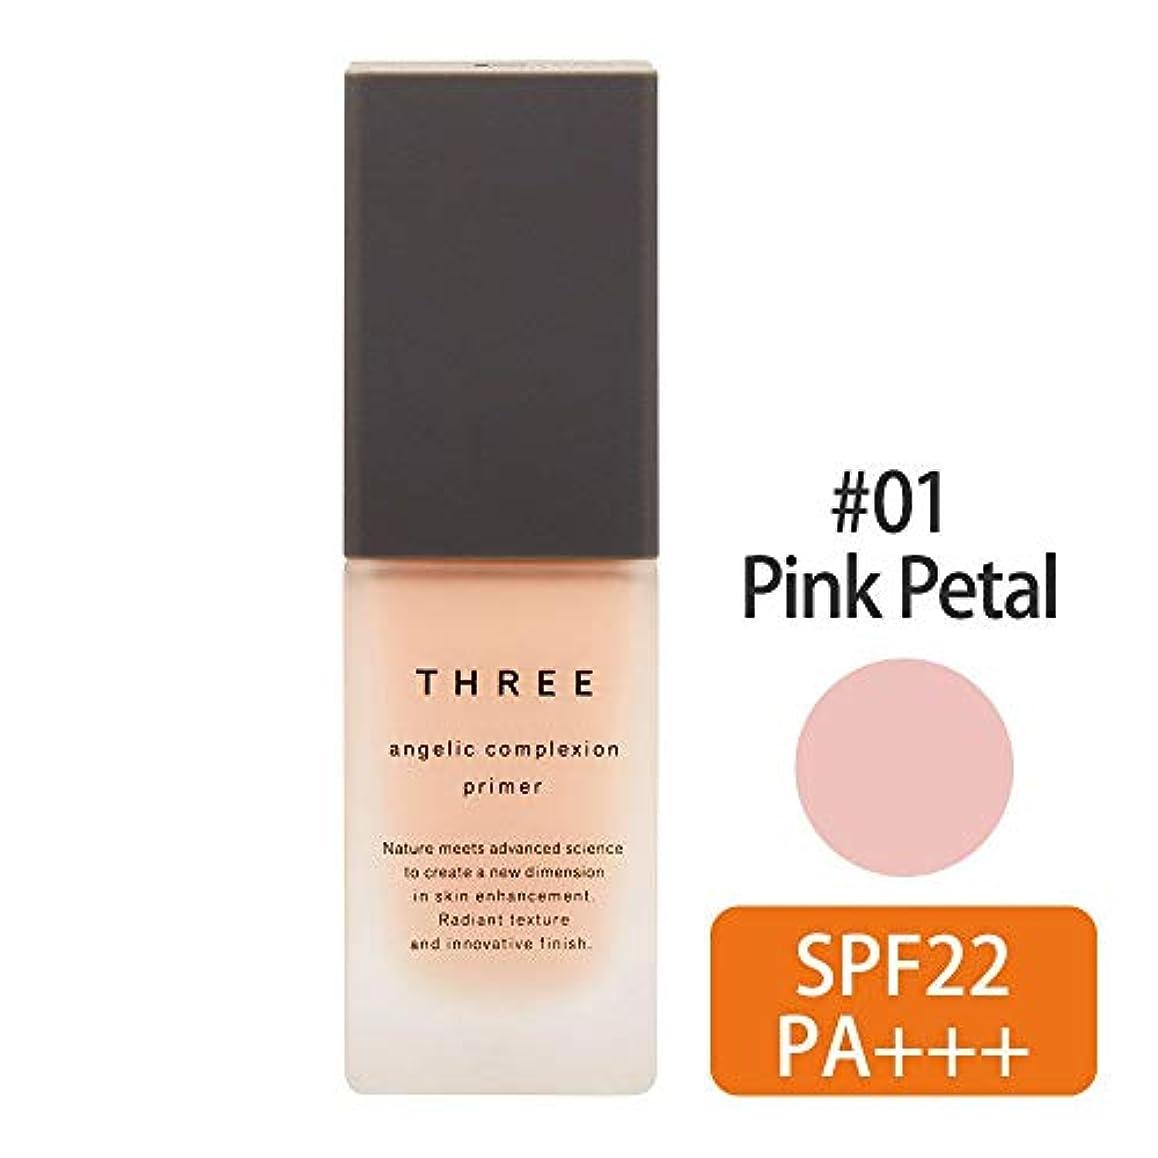 悪因子ピザ雄弁スリー(THREE) THREE アンジェリックコンプレクションプライマー #01(Pink Petal) 30g [並行輸入品]